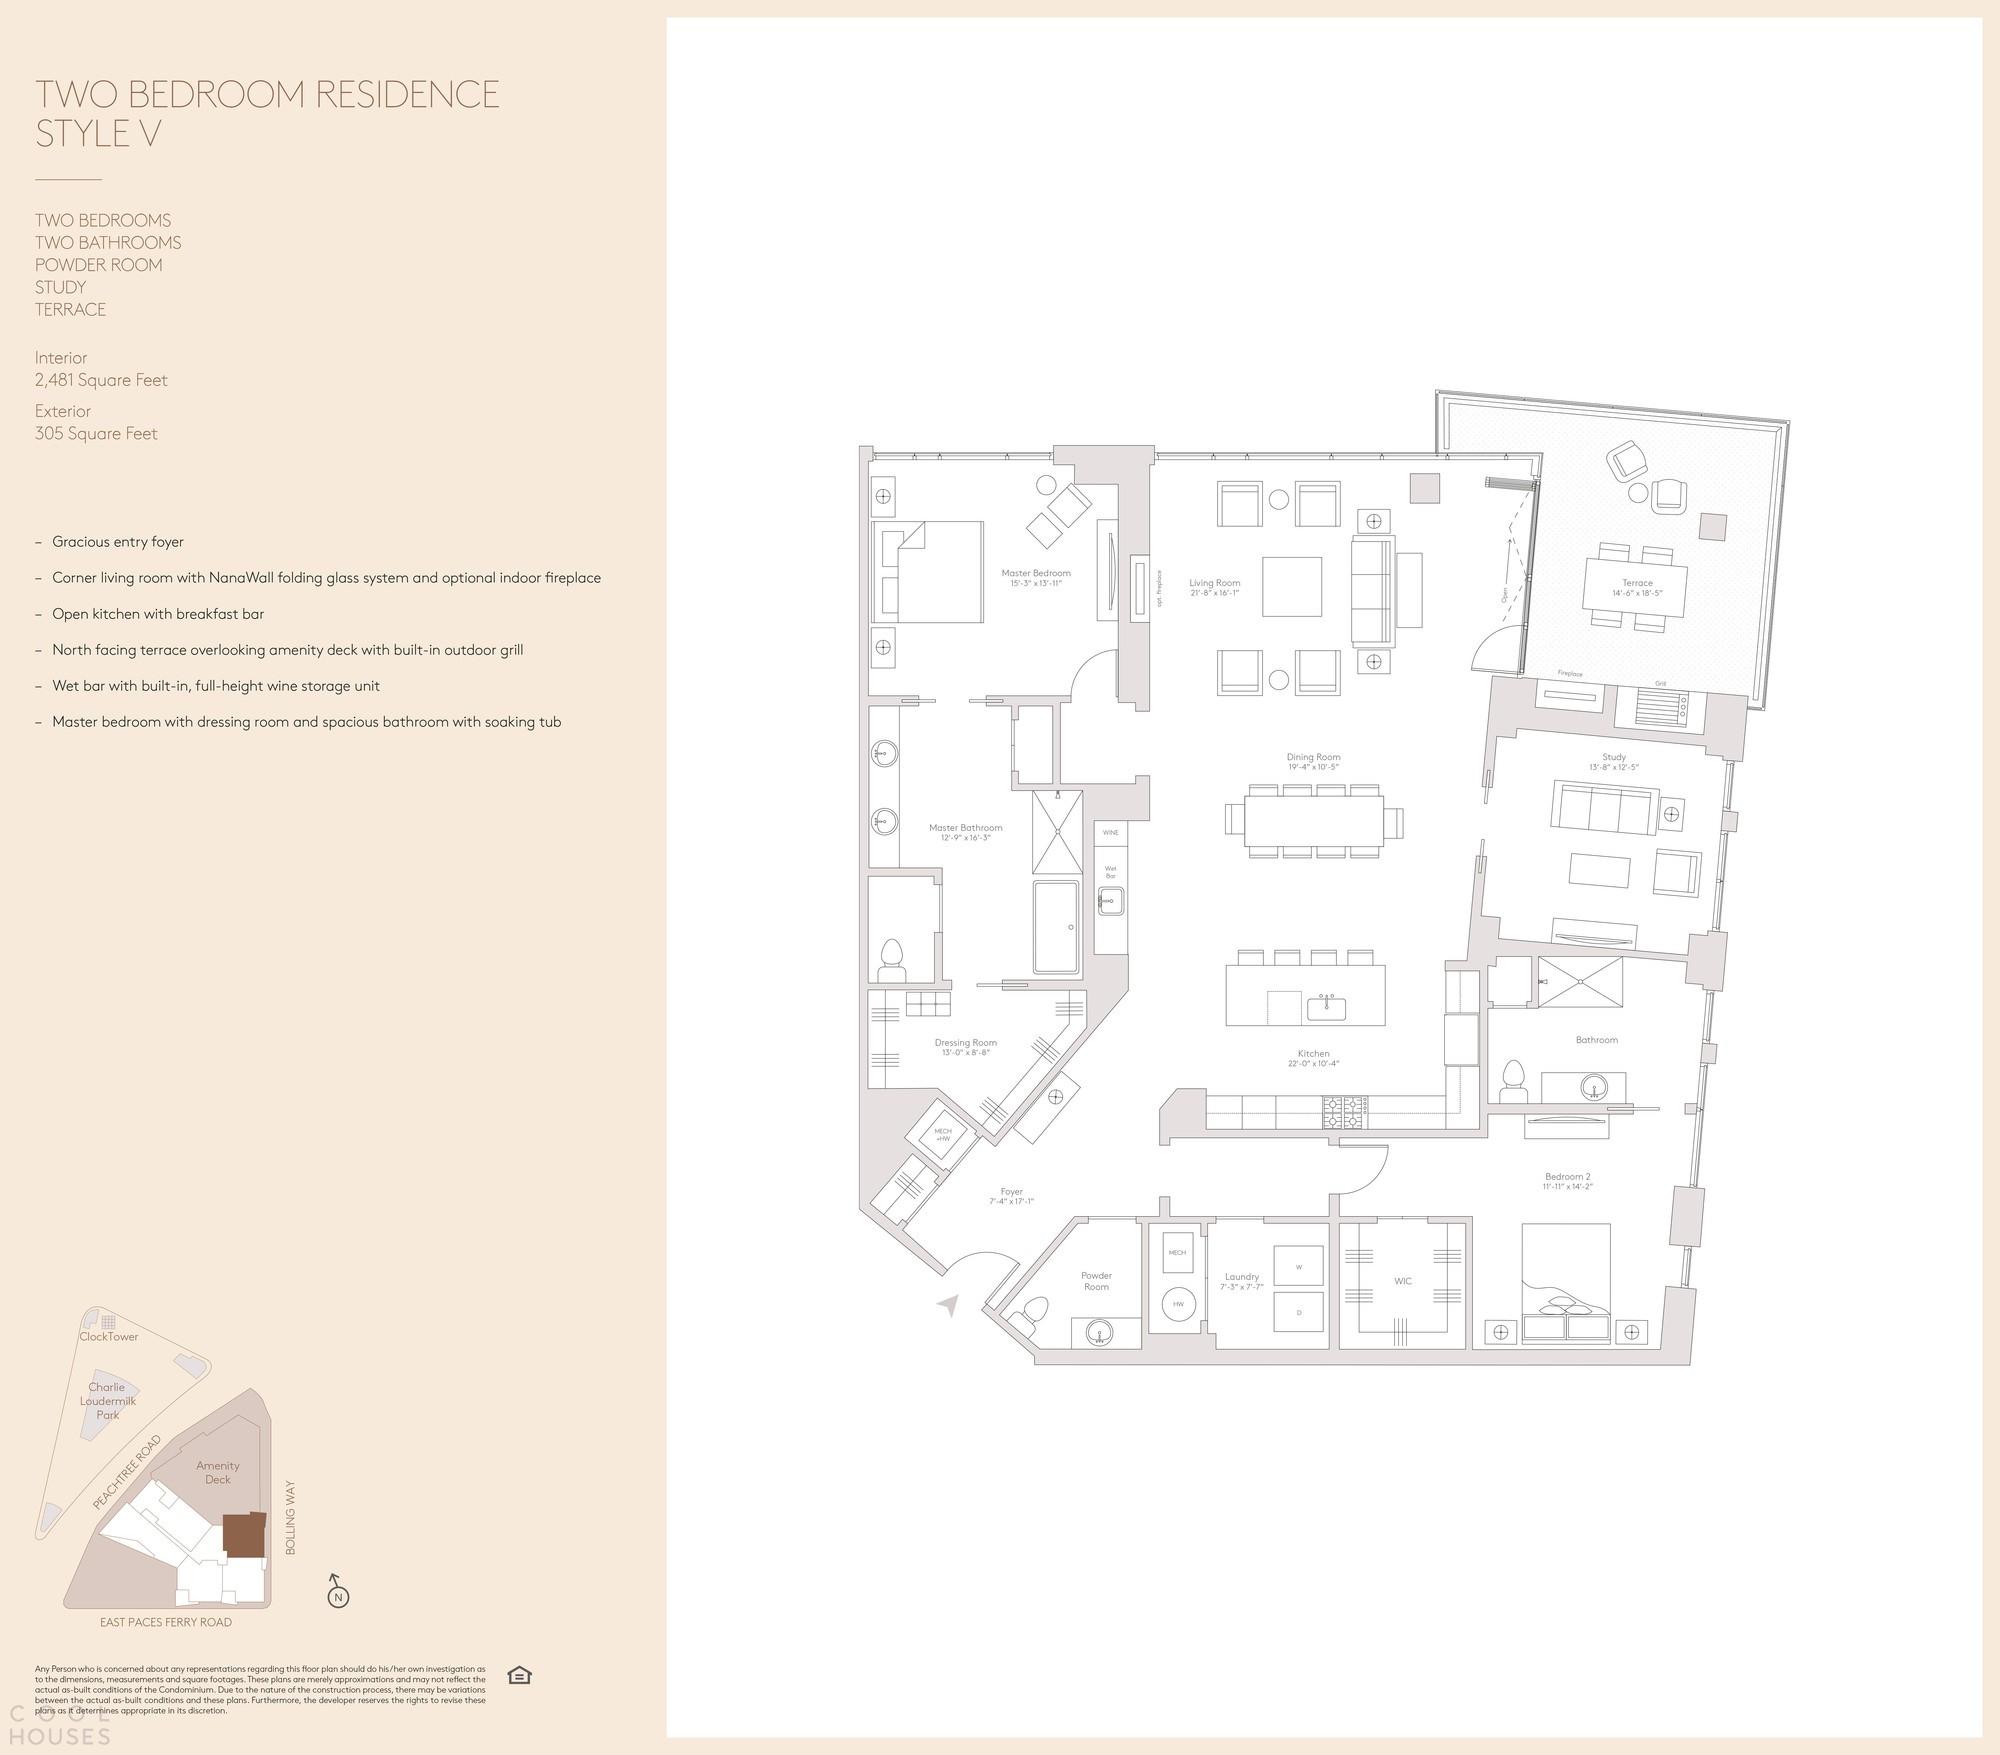 Элитный кондоминиум с ярким динамичным экстерьером и ландшафтной треугольной террасой